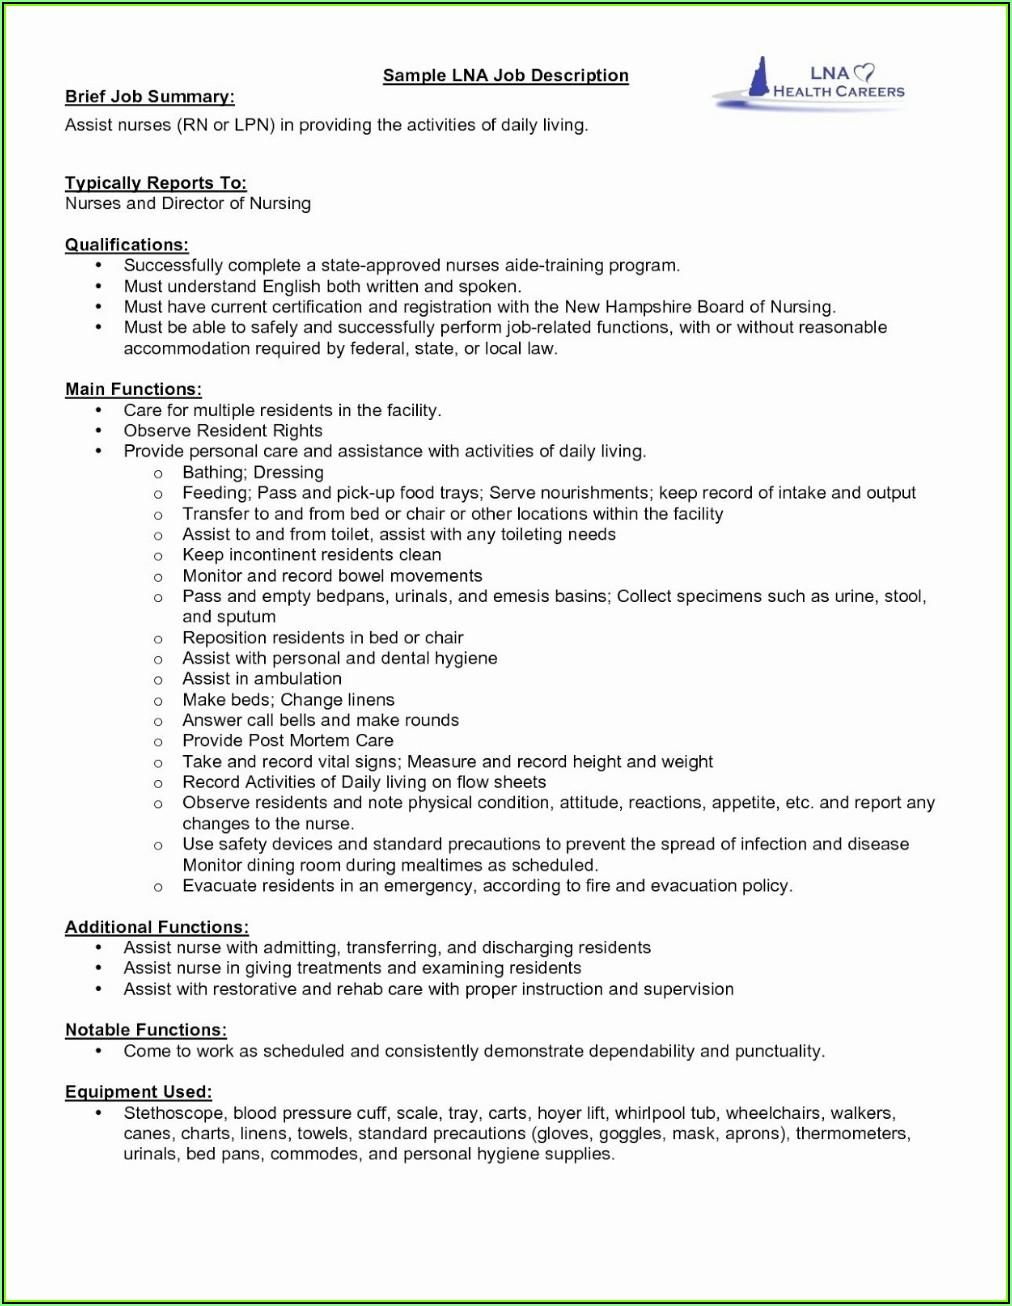 Resume Sample For Newly Registered Nurses